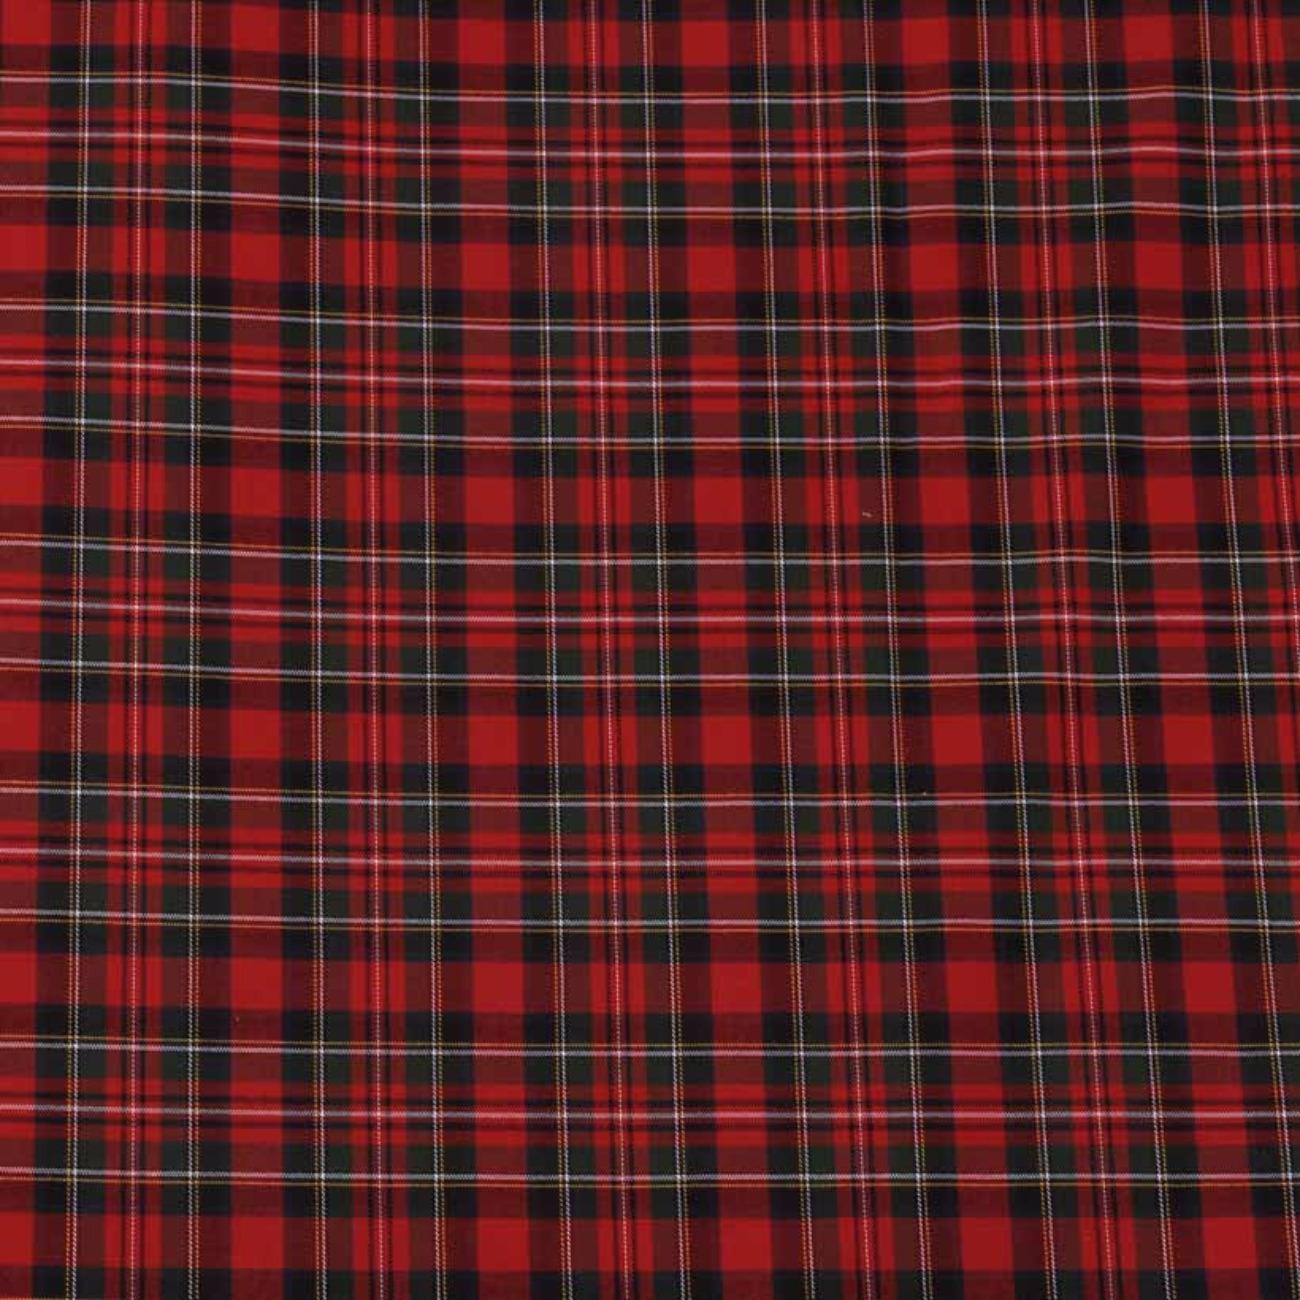 现货斜纹格子苏格兰格梭织色织低弹休闲时尚风格 衬衫 连衣裙 短裙 棉感 60929-6